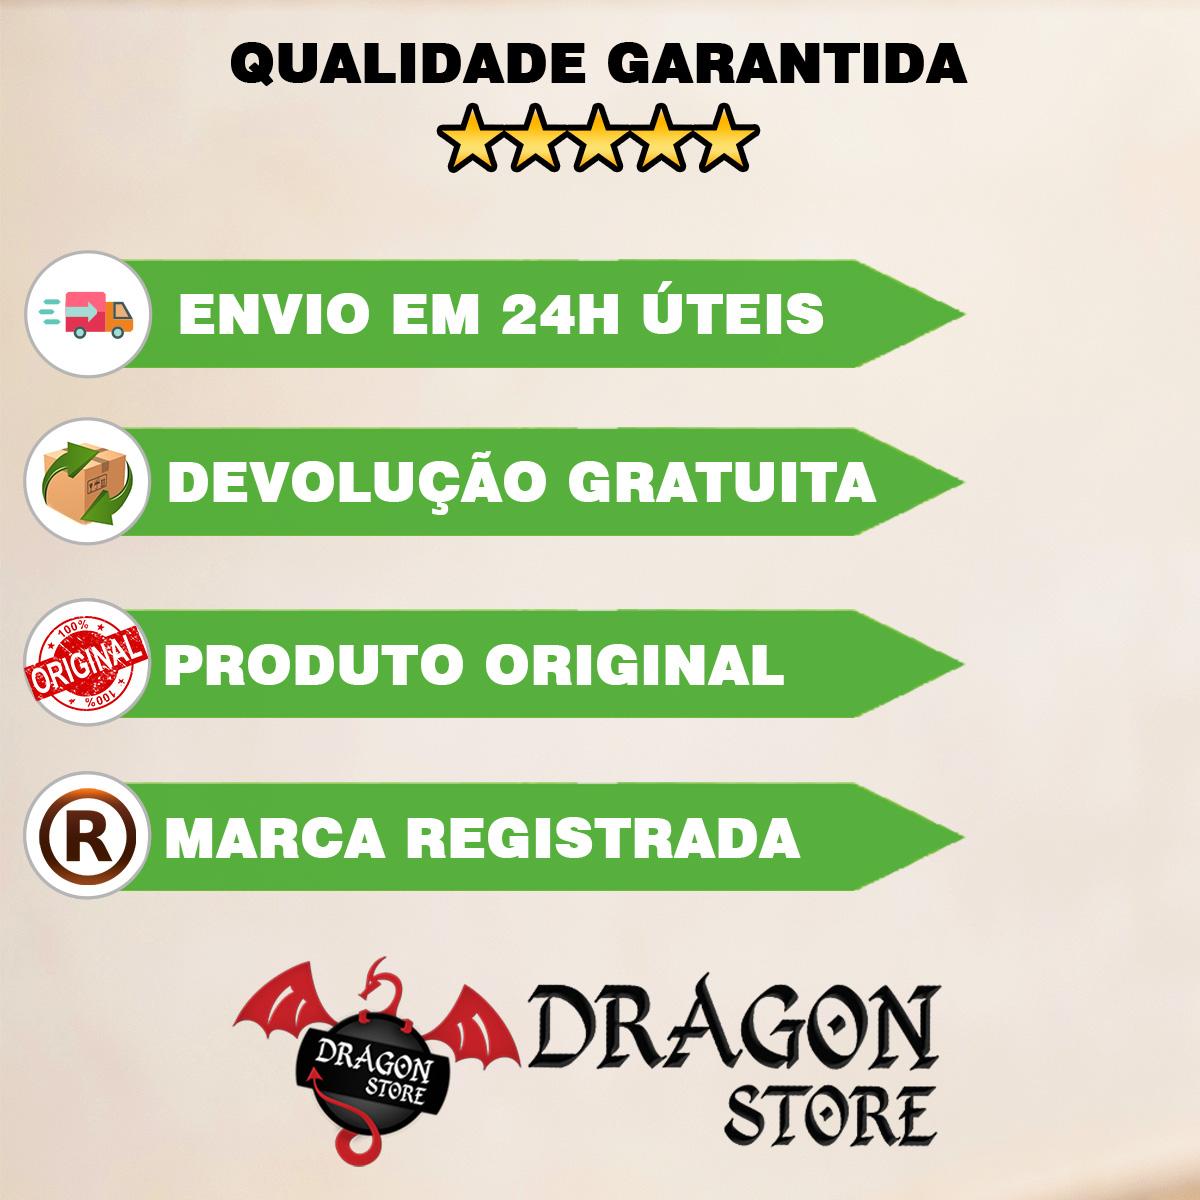 Camiseta Dragão Com Caveiras RPG - Dragon Store  - Dragon Store